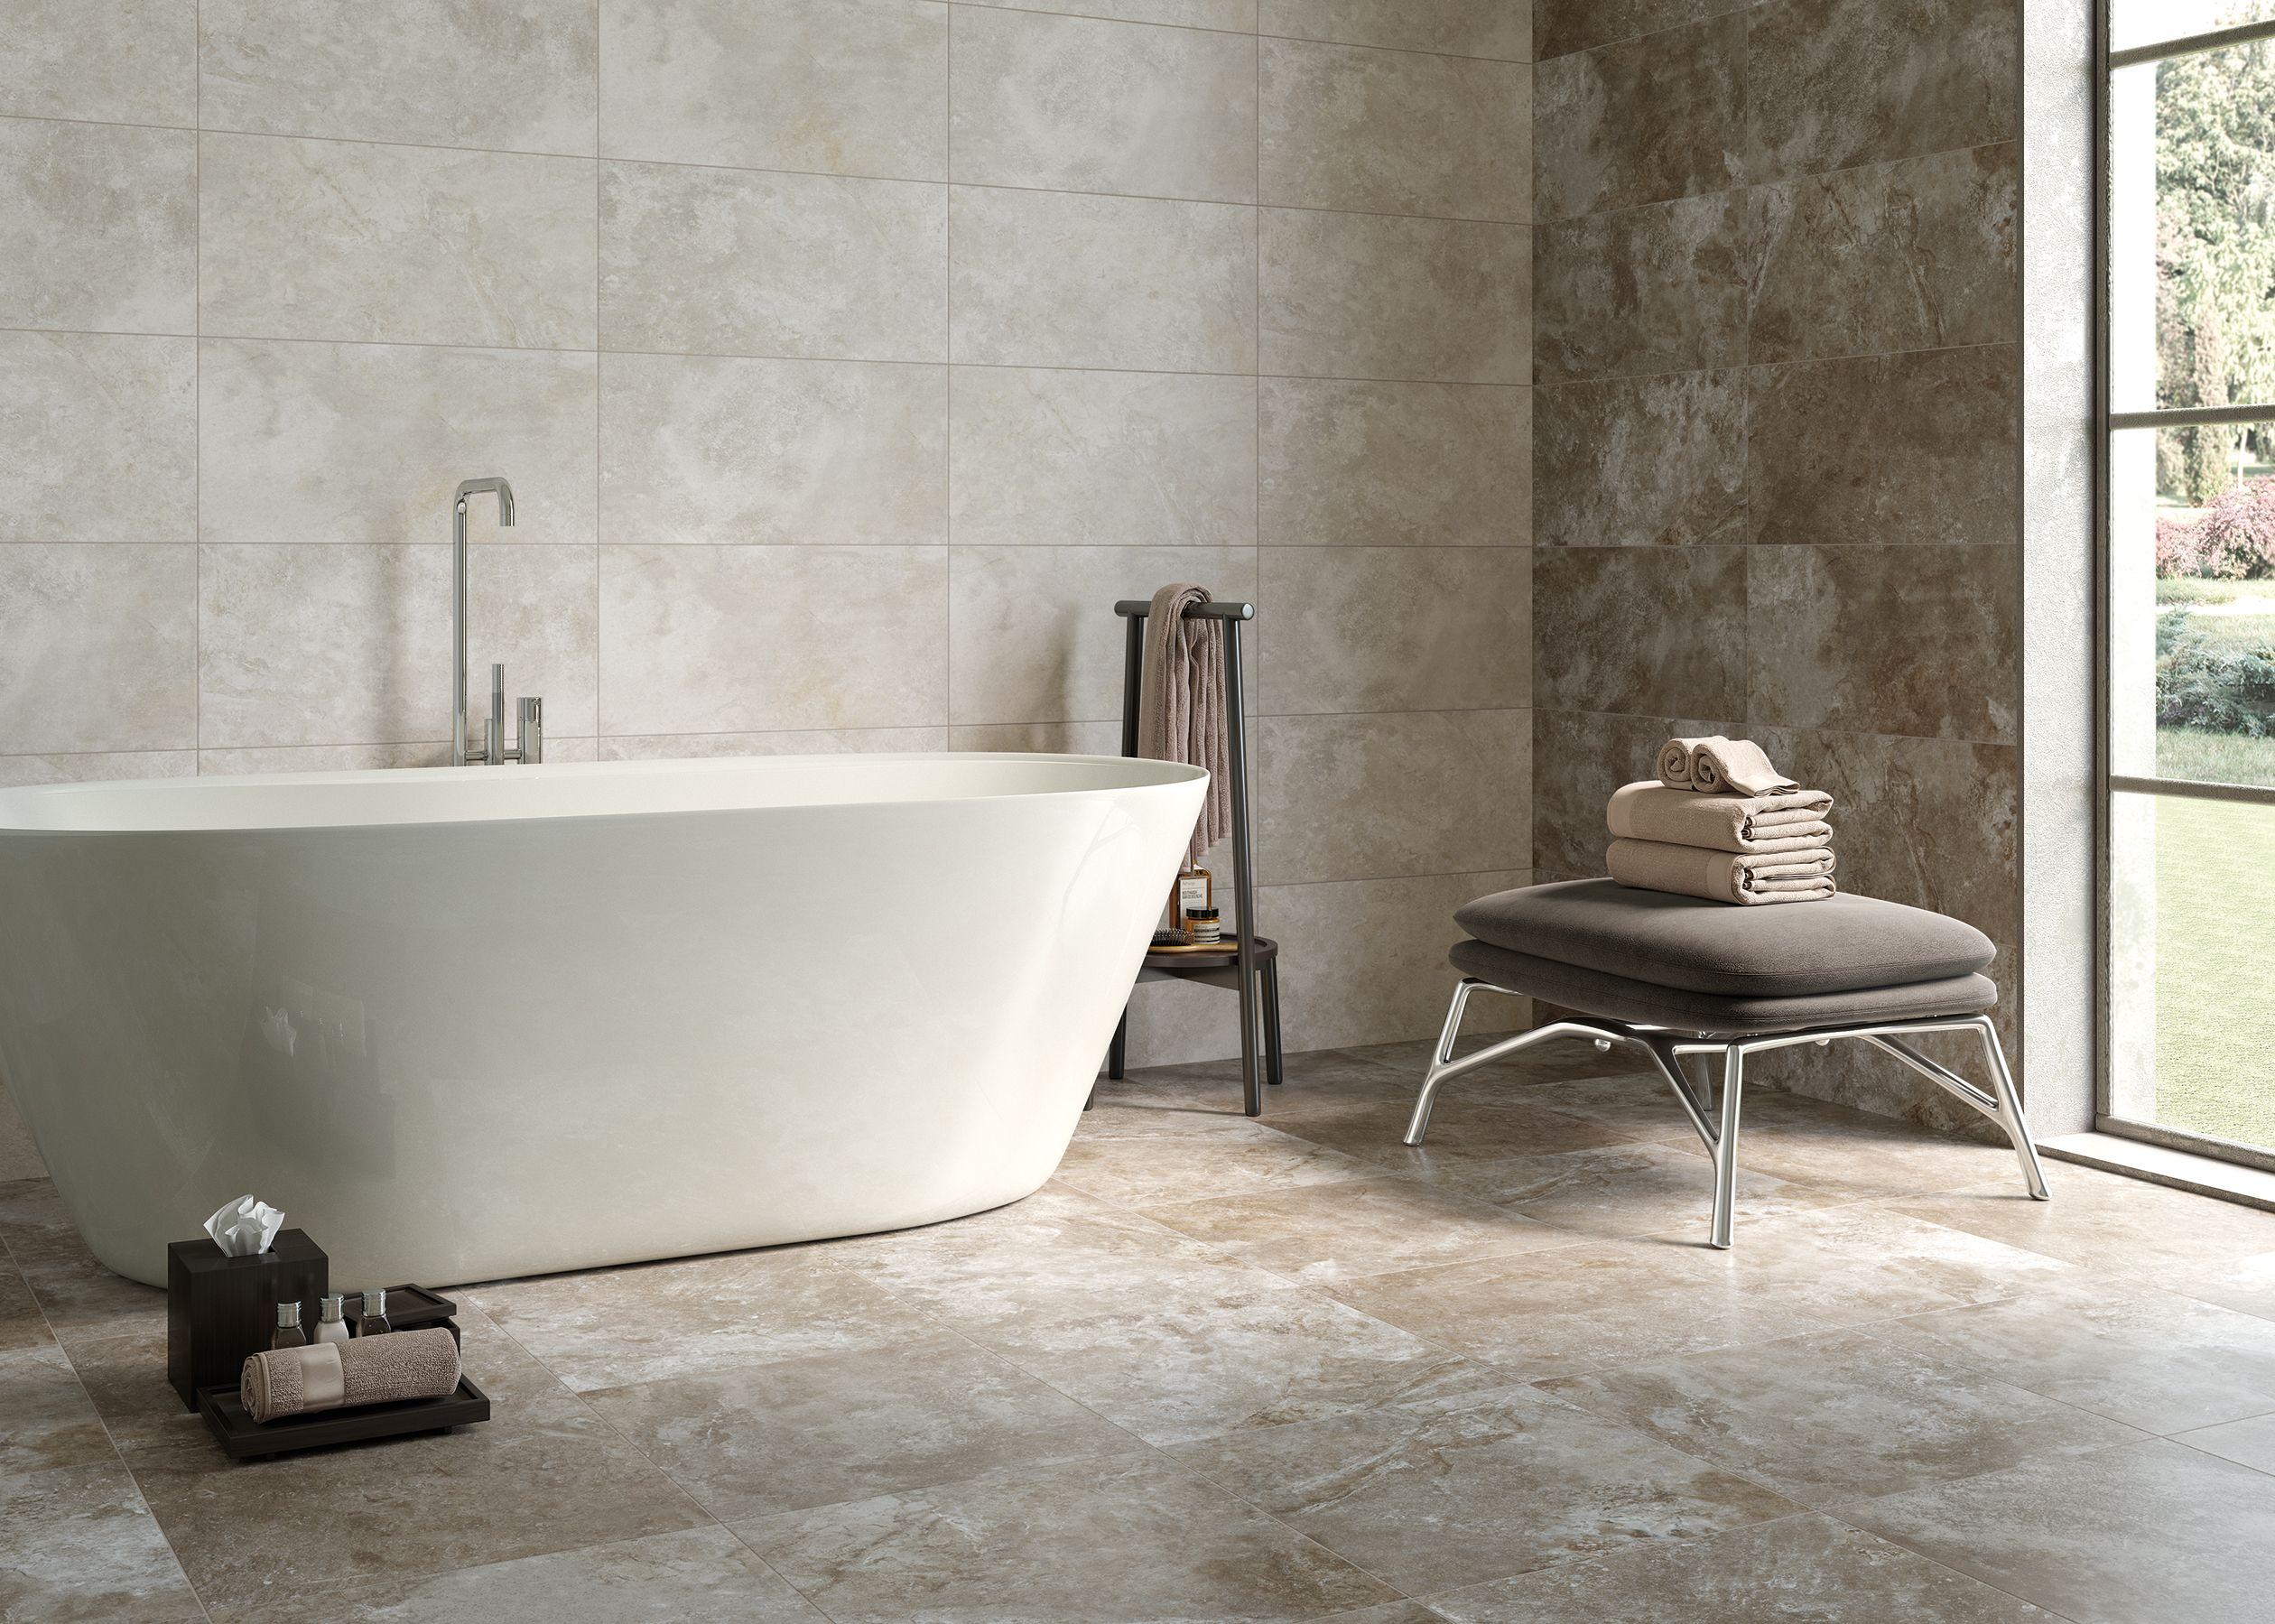 Pisos cerámicos efecto cemento en el baño